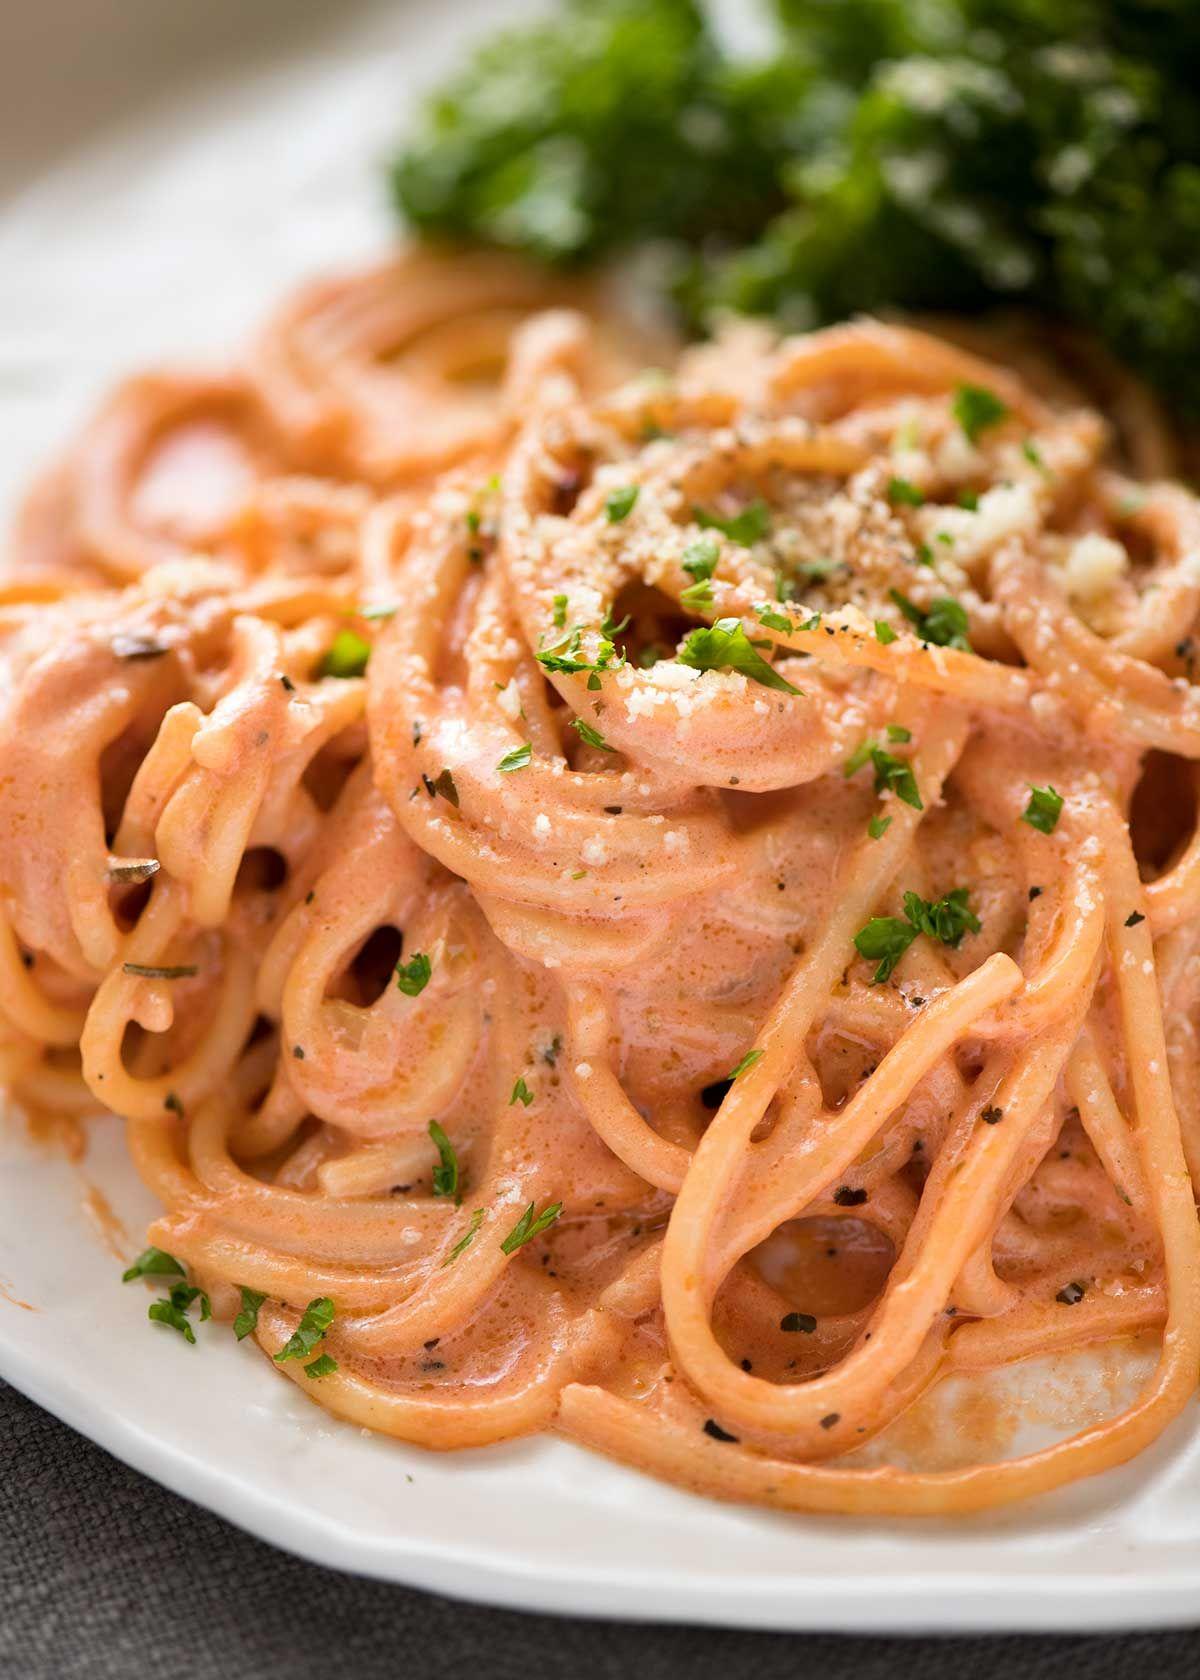 Creamy Tomato Pasta Recipe Creamy Tomato Pasta Cream Sauce Pasta Tomato Cream Sauce Pasta